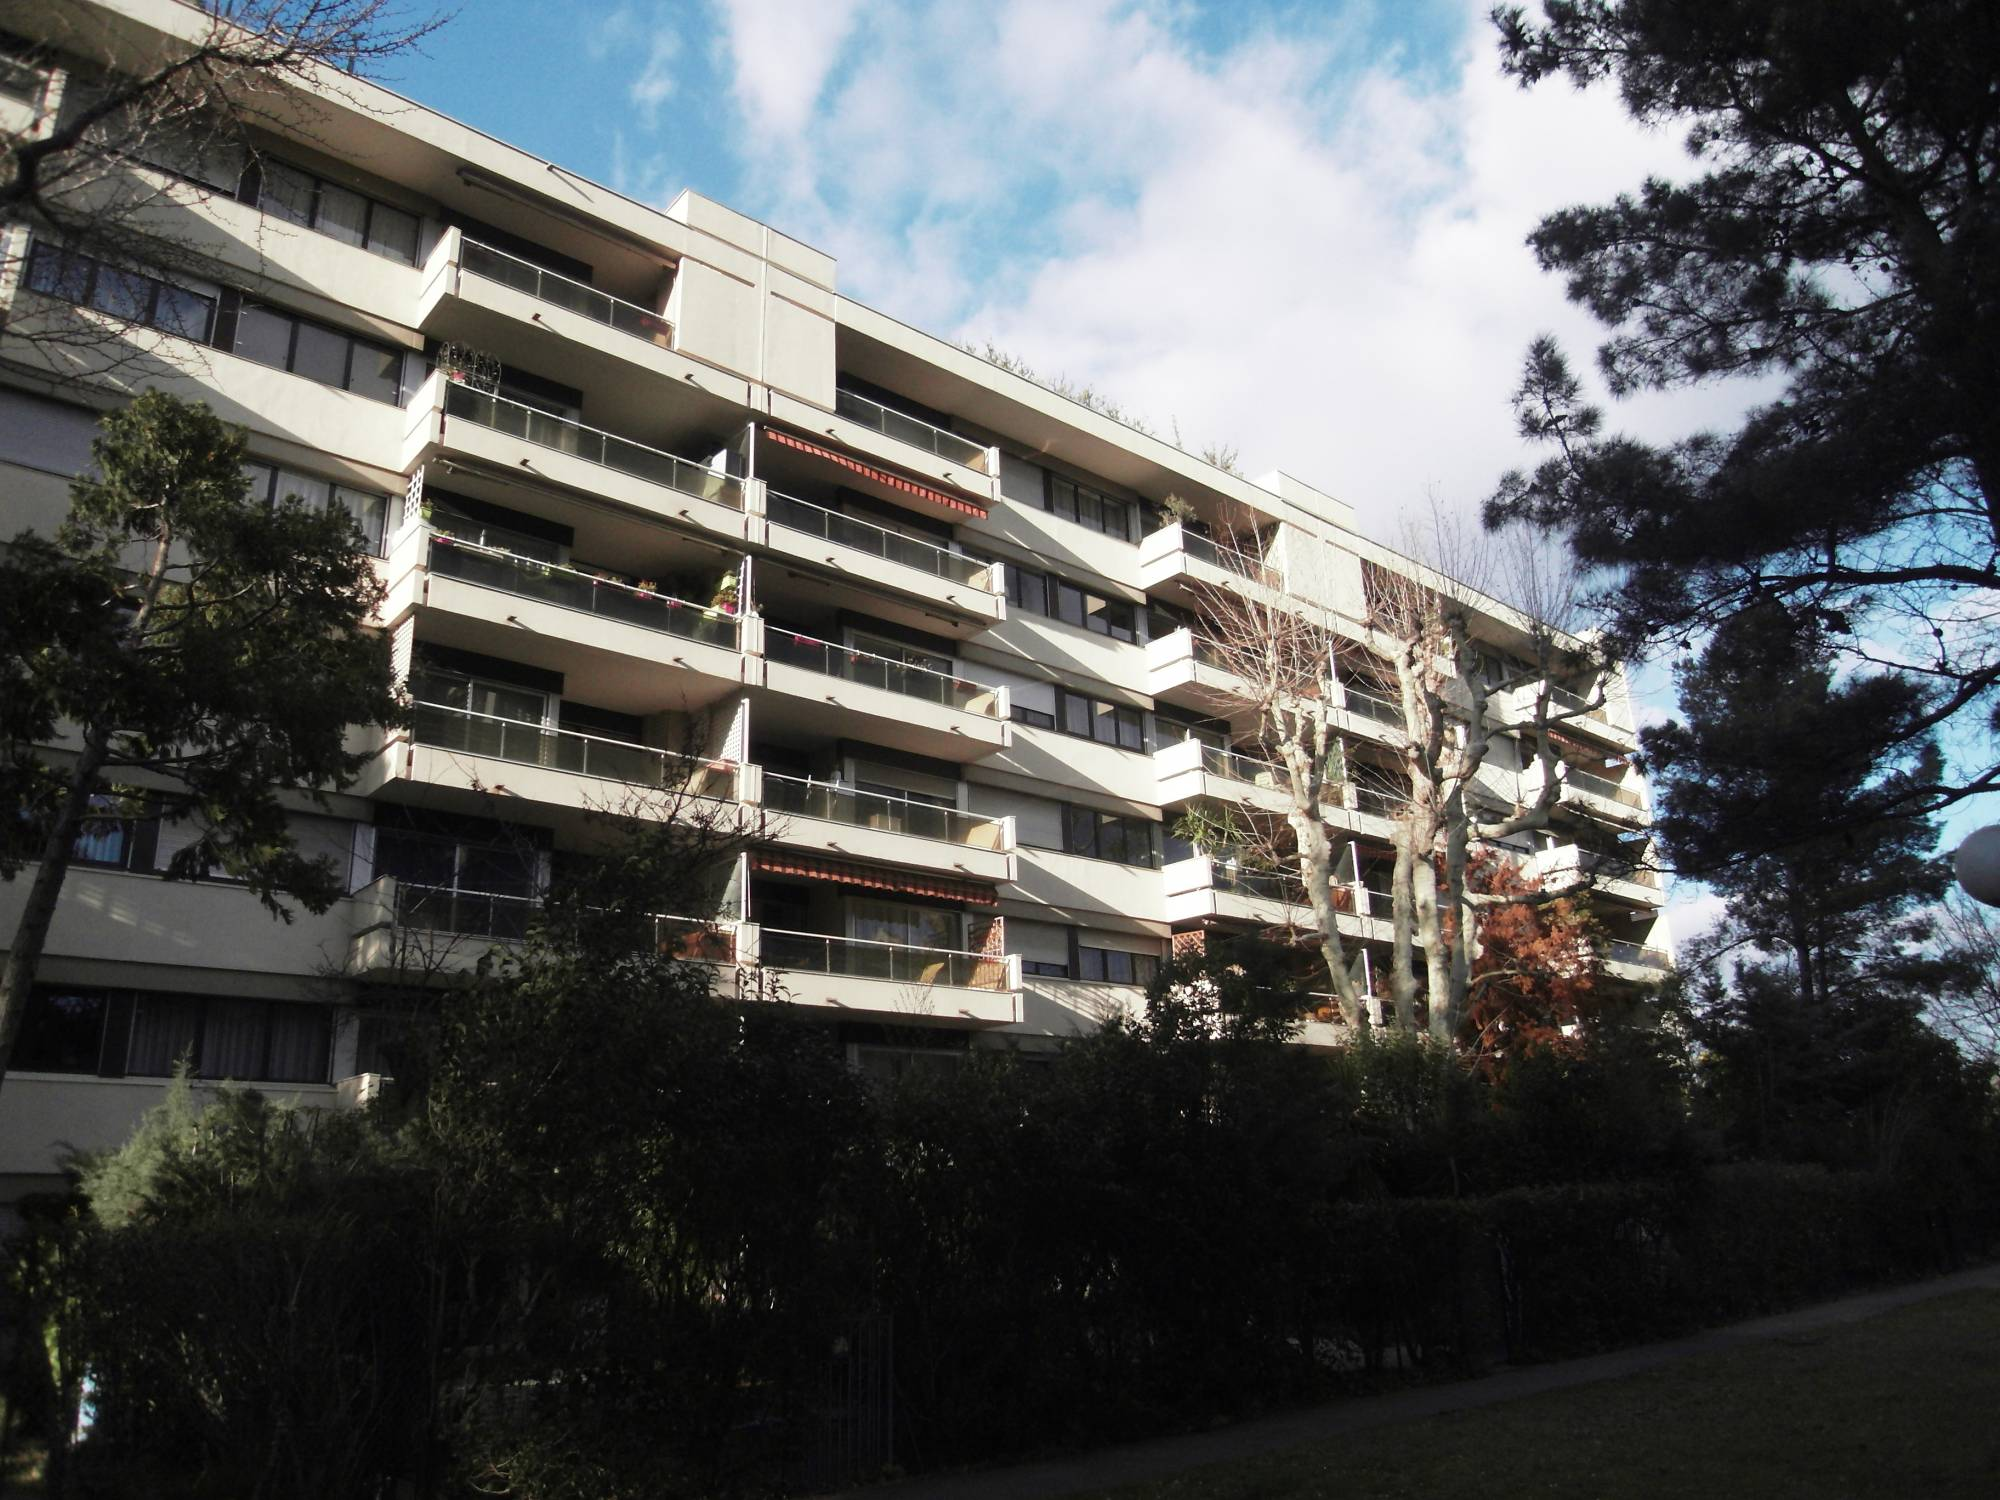 A vendre 13010 Saint Tronc  Appartement 4 chambres avec toit terrasse privatif